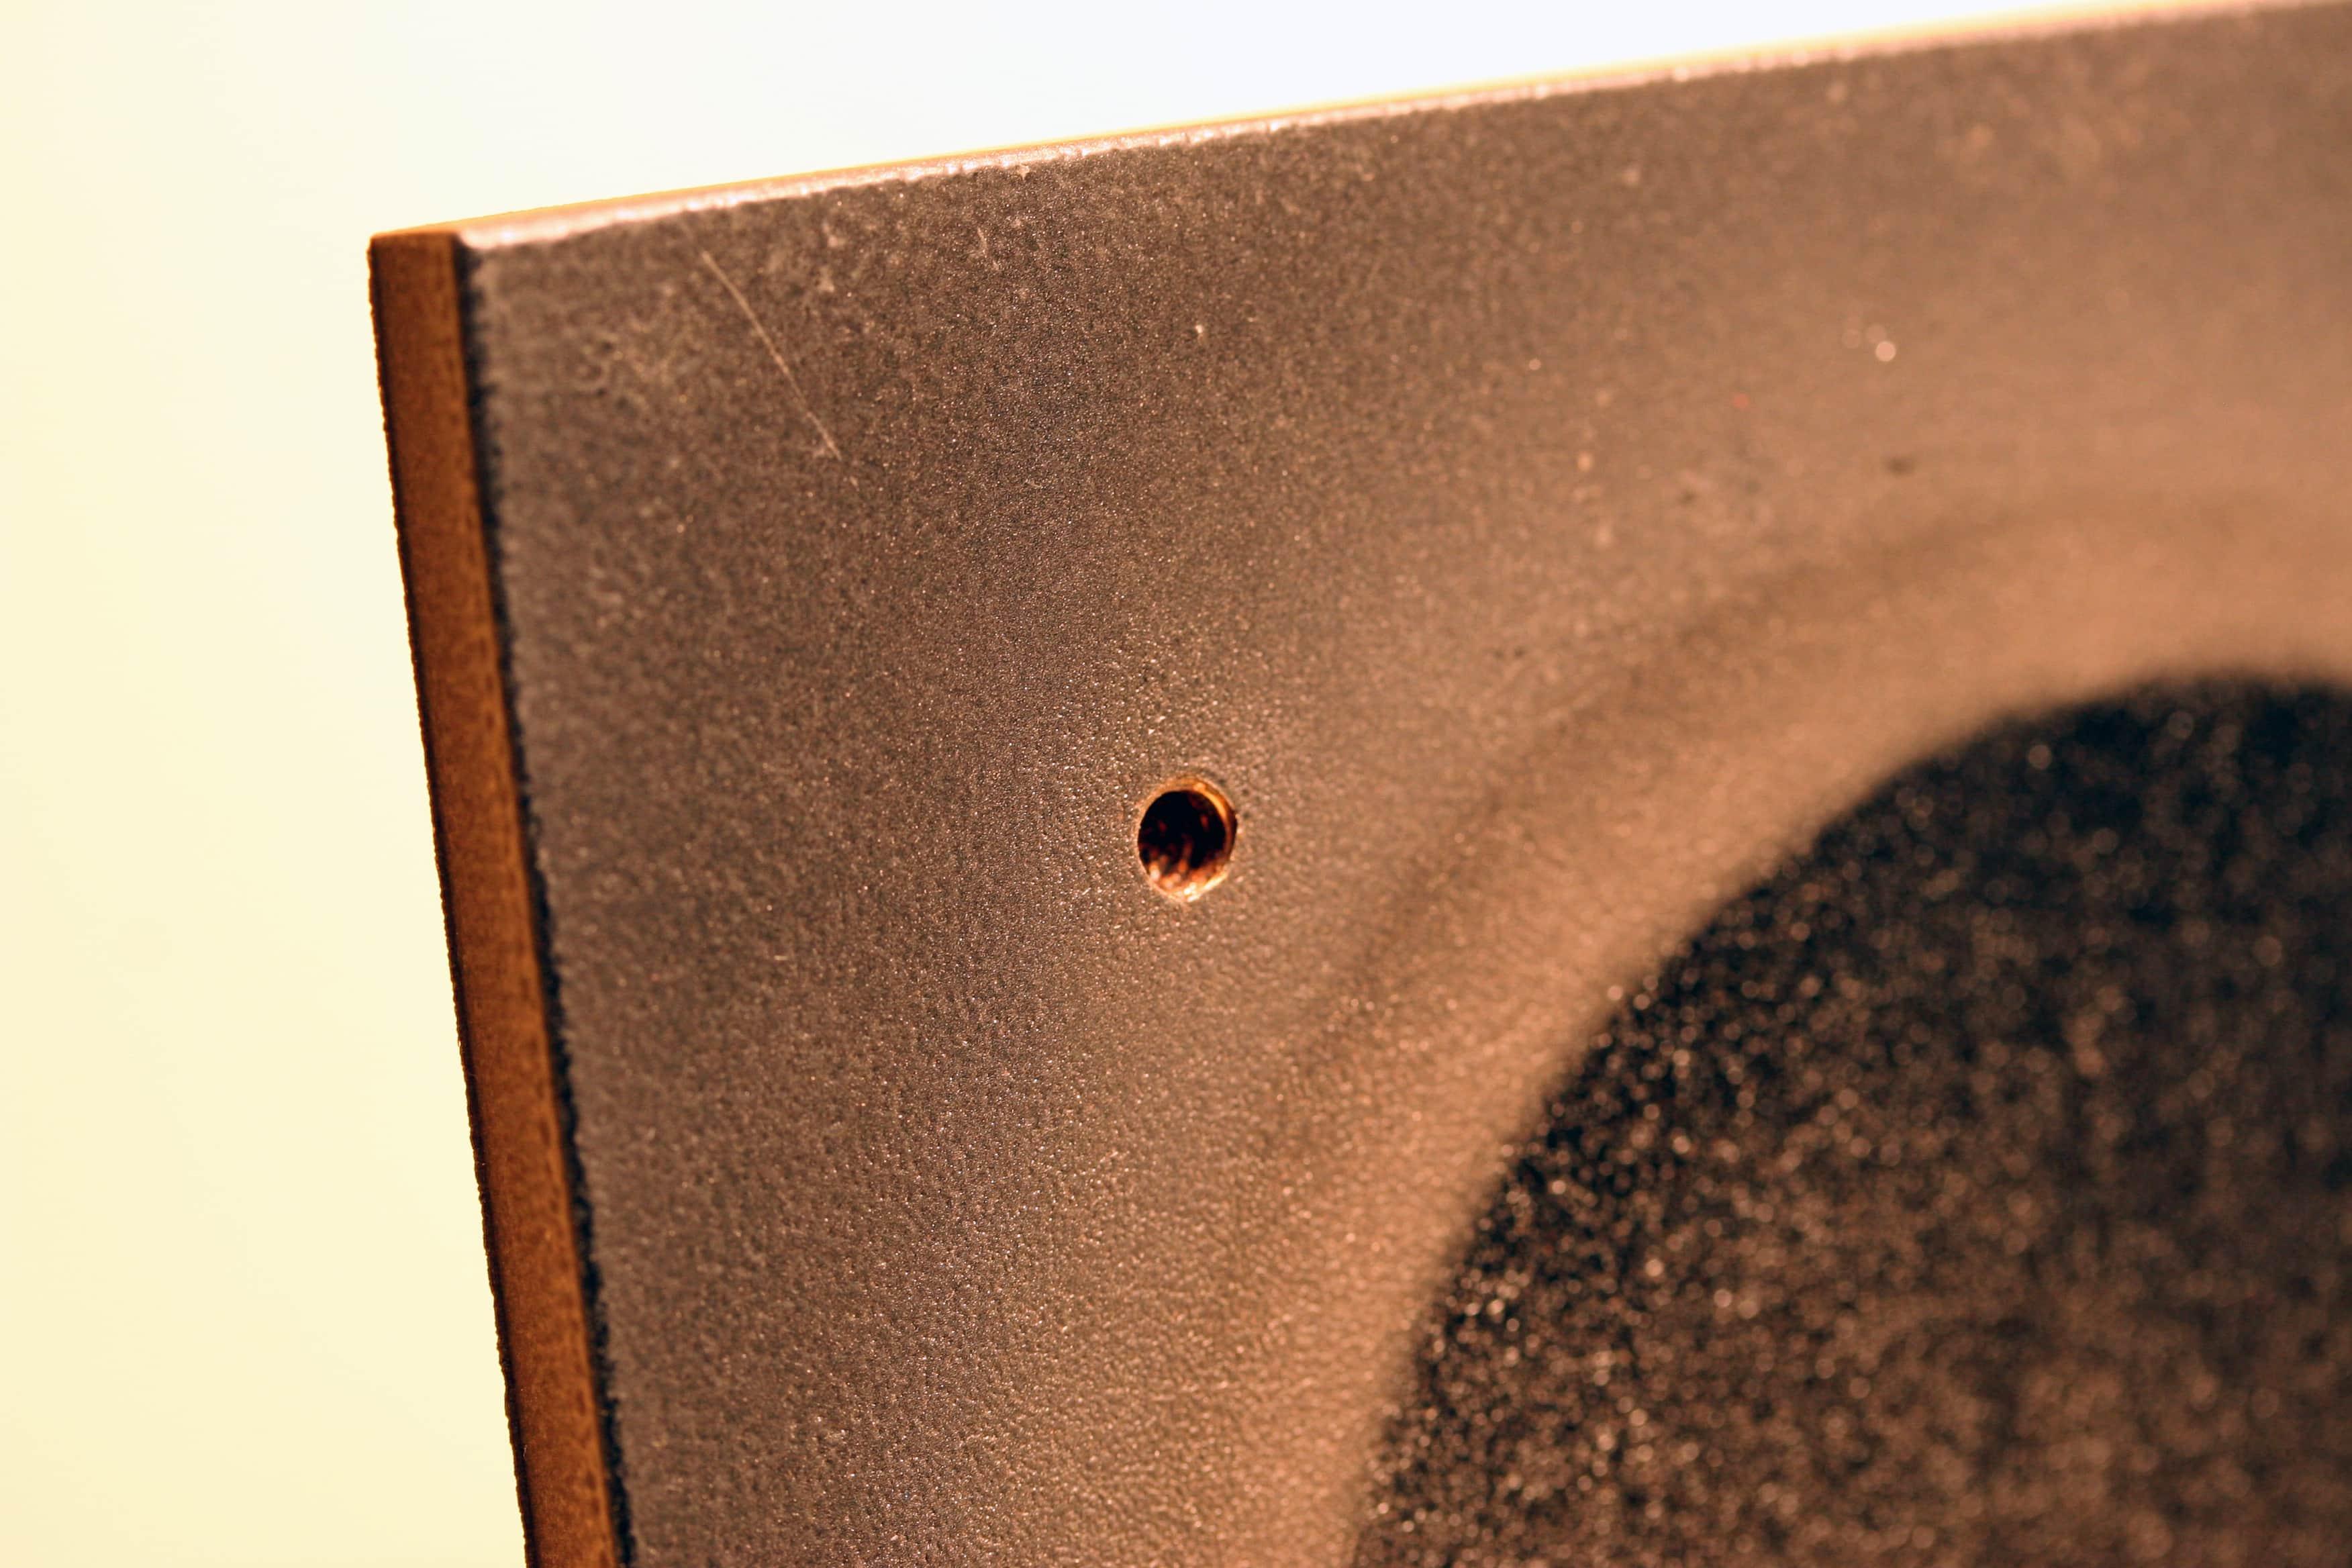 Blind Stud Mount Threaded Hole